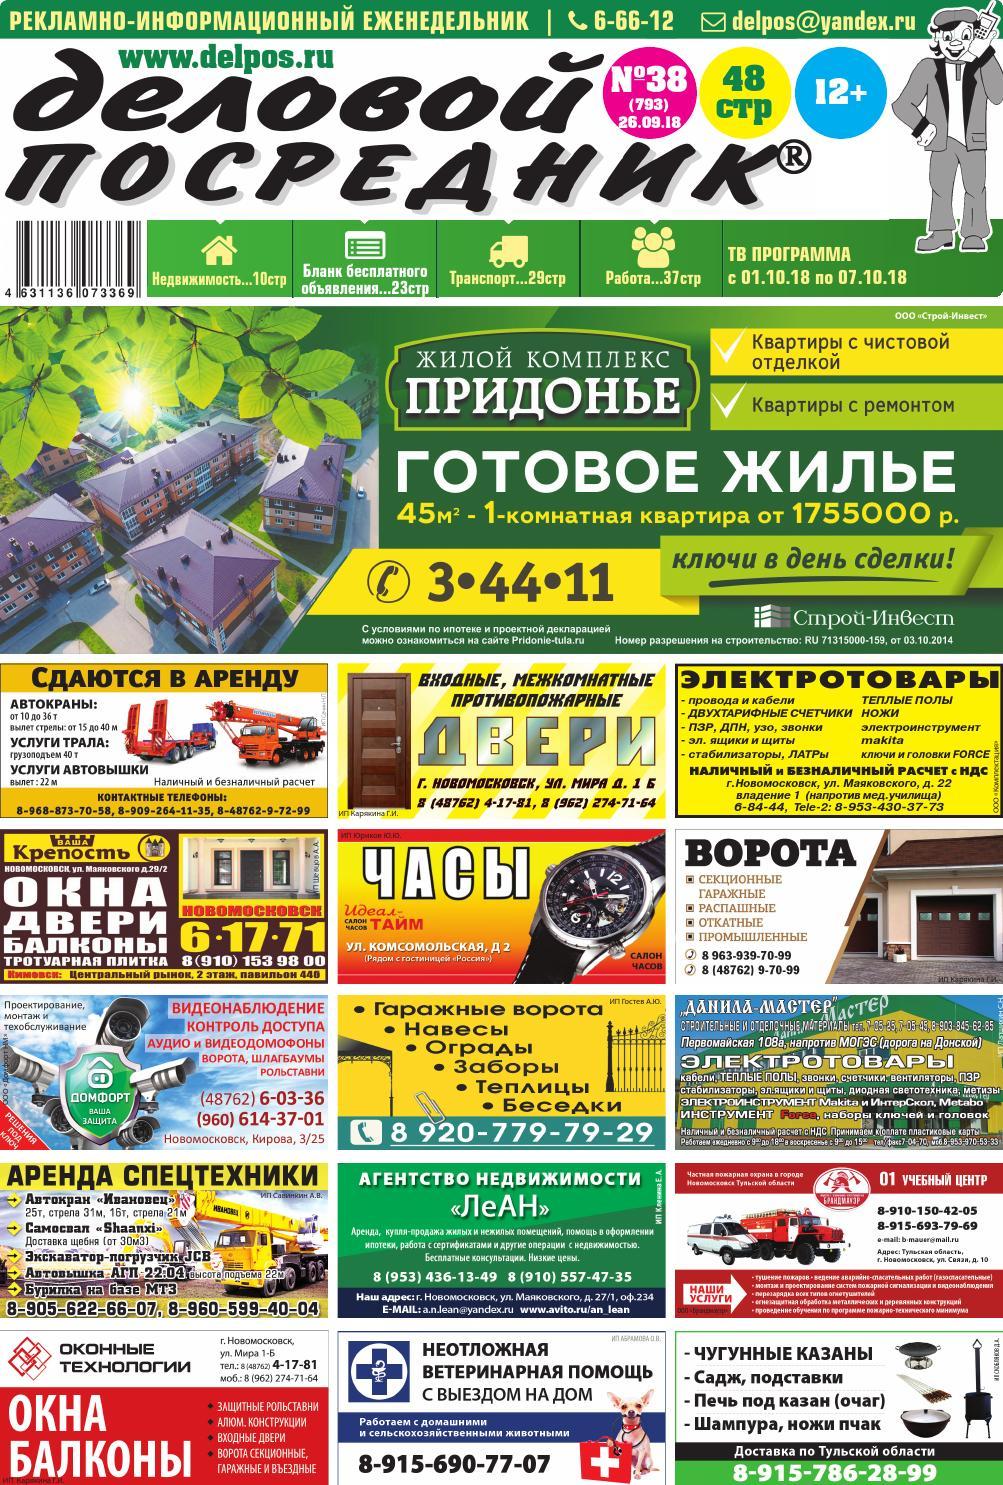 telki-v-kvartire-naprotiv-sisyastaya-daet-v-zhopu-za-dengi-pikaperi-smotret